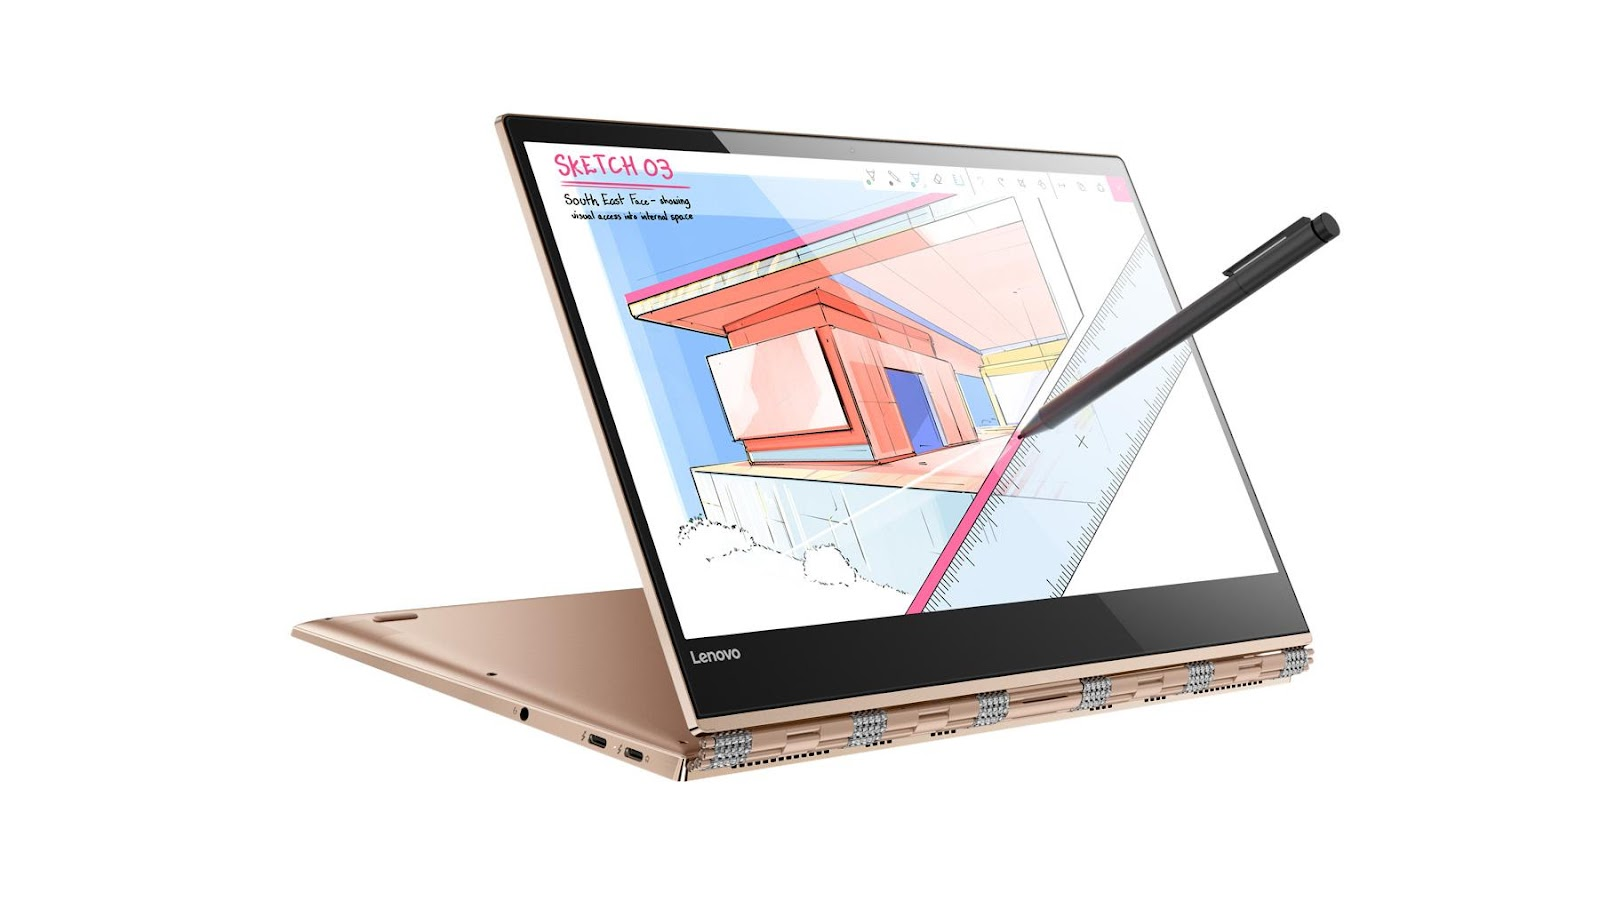 Фото 3 - Ультрабук Lenovo YOGA 920 Copper (80Y700A8RA)